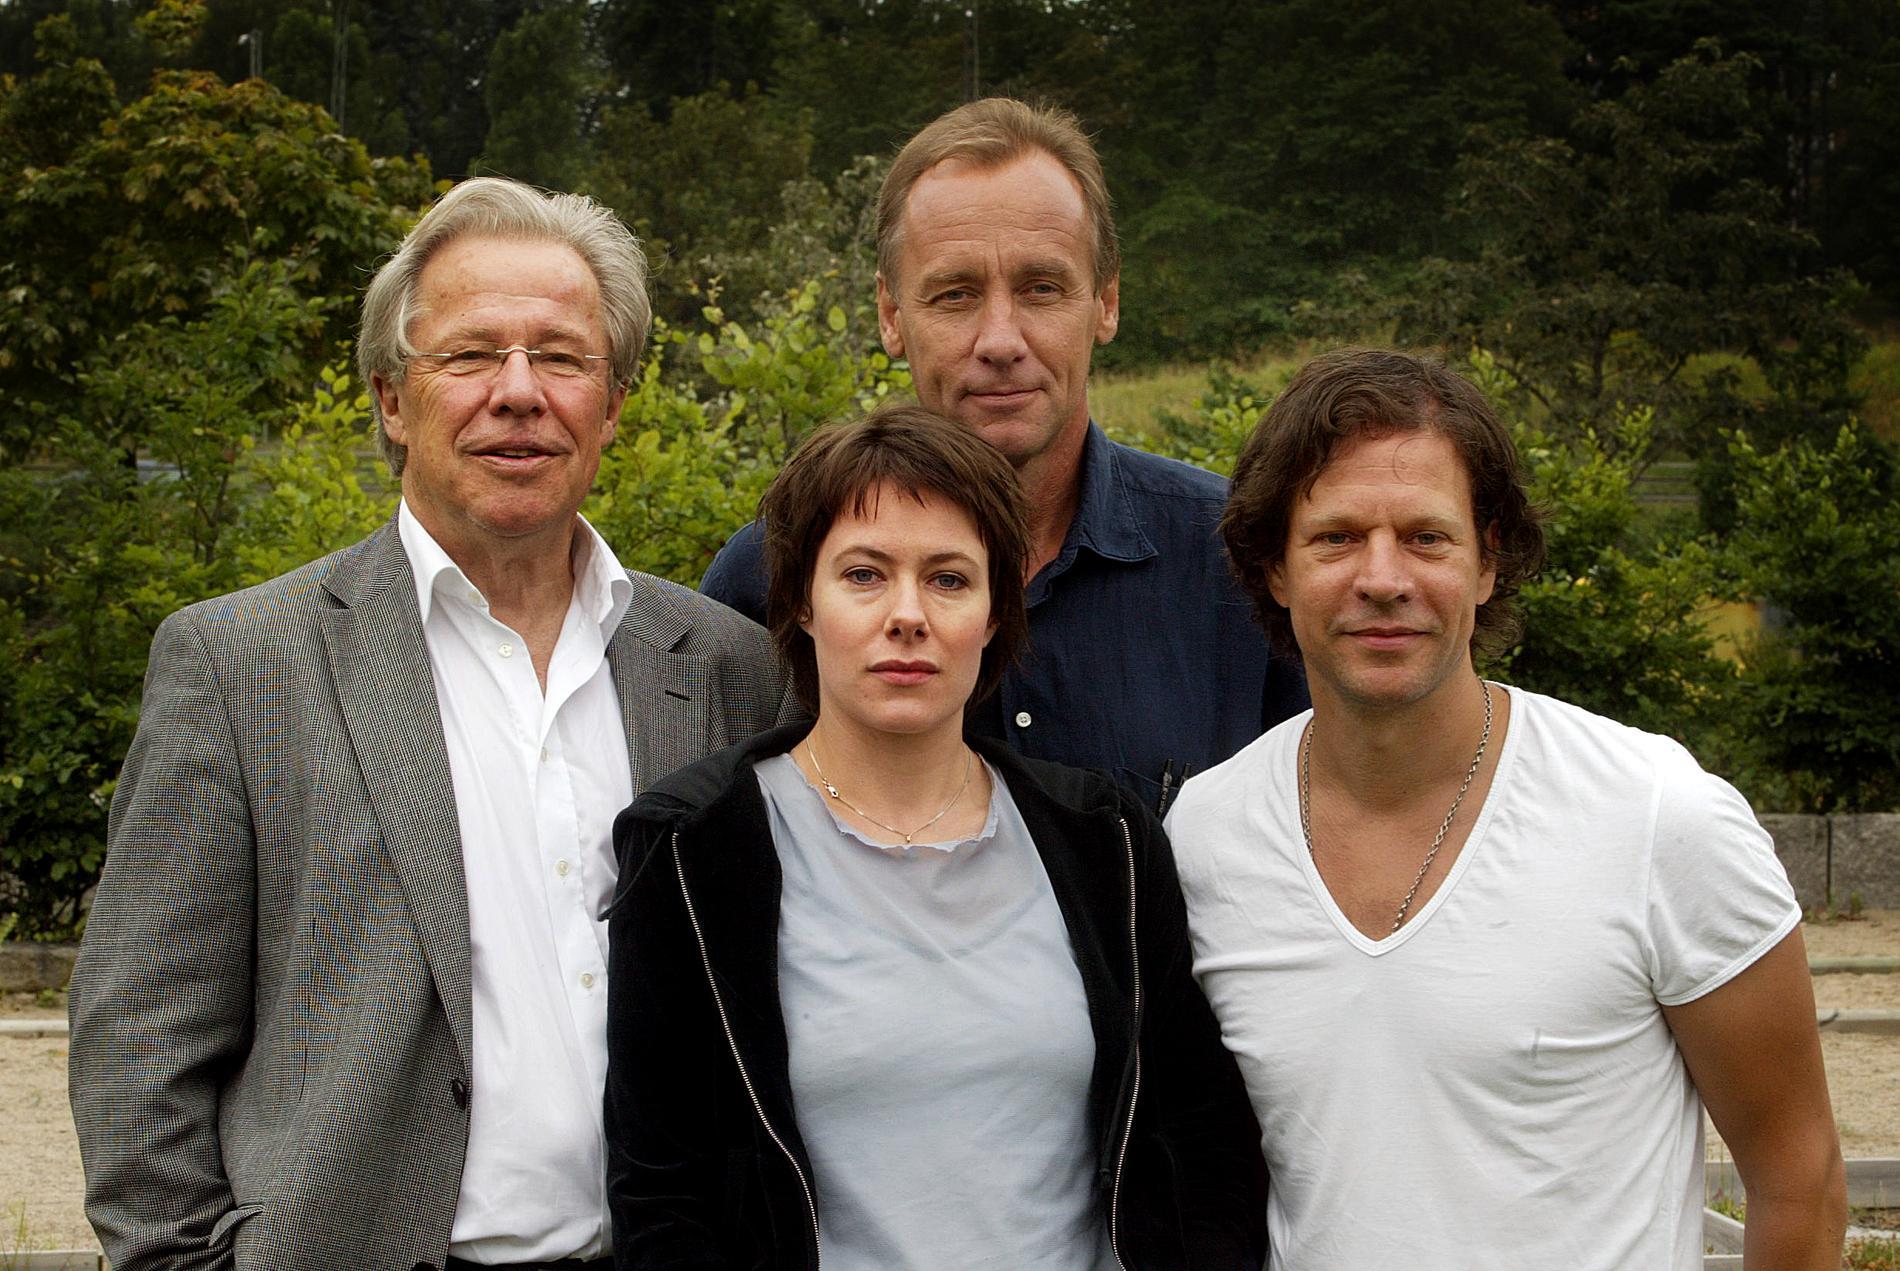 """Pressträff 2004 för filmerna om """"Van Veeteren"""" men Sven Wollter, Eva Rexed, Håkan Nesser och Thomas Hanzon."""